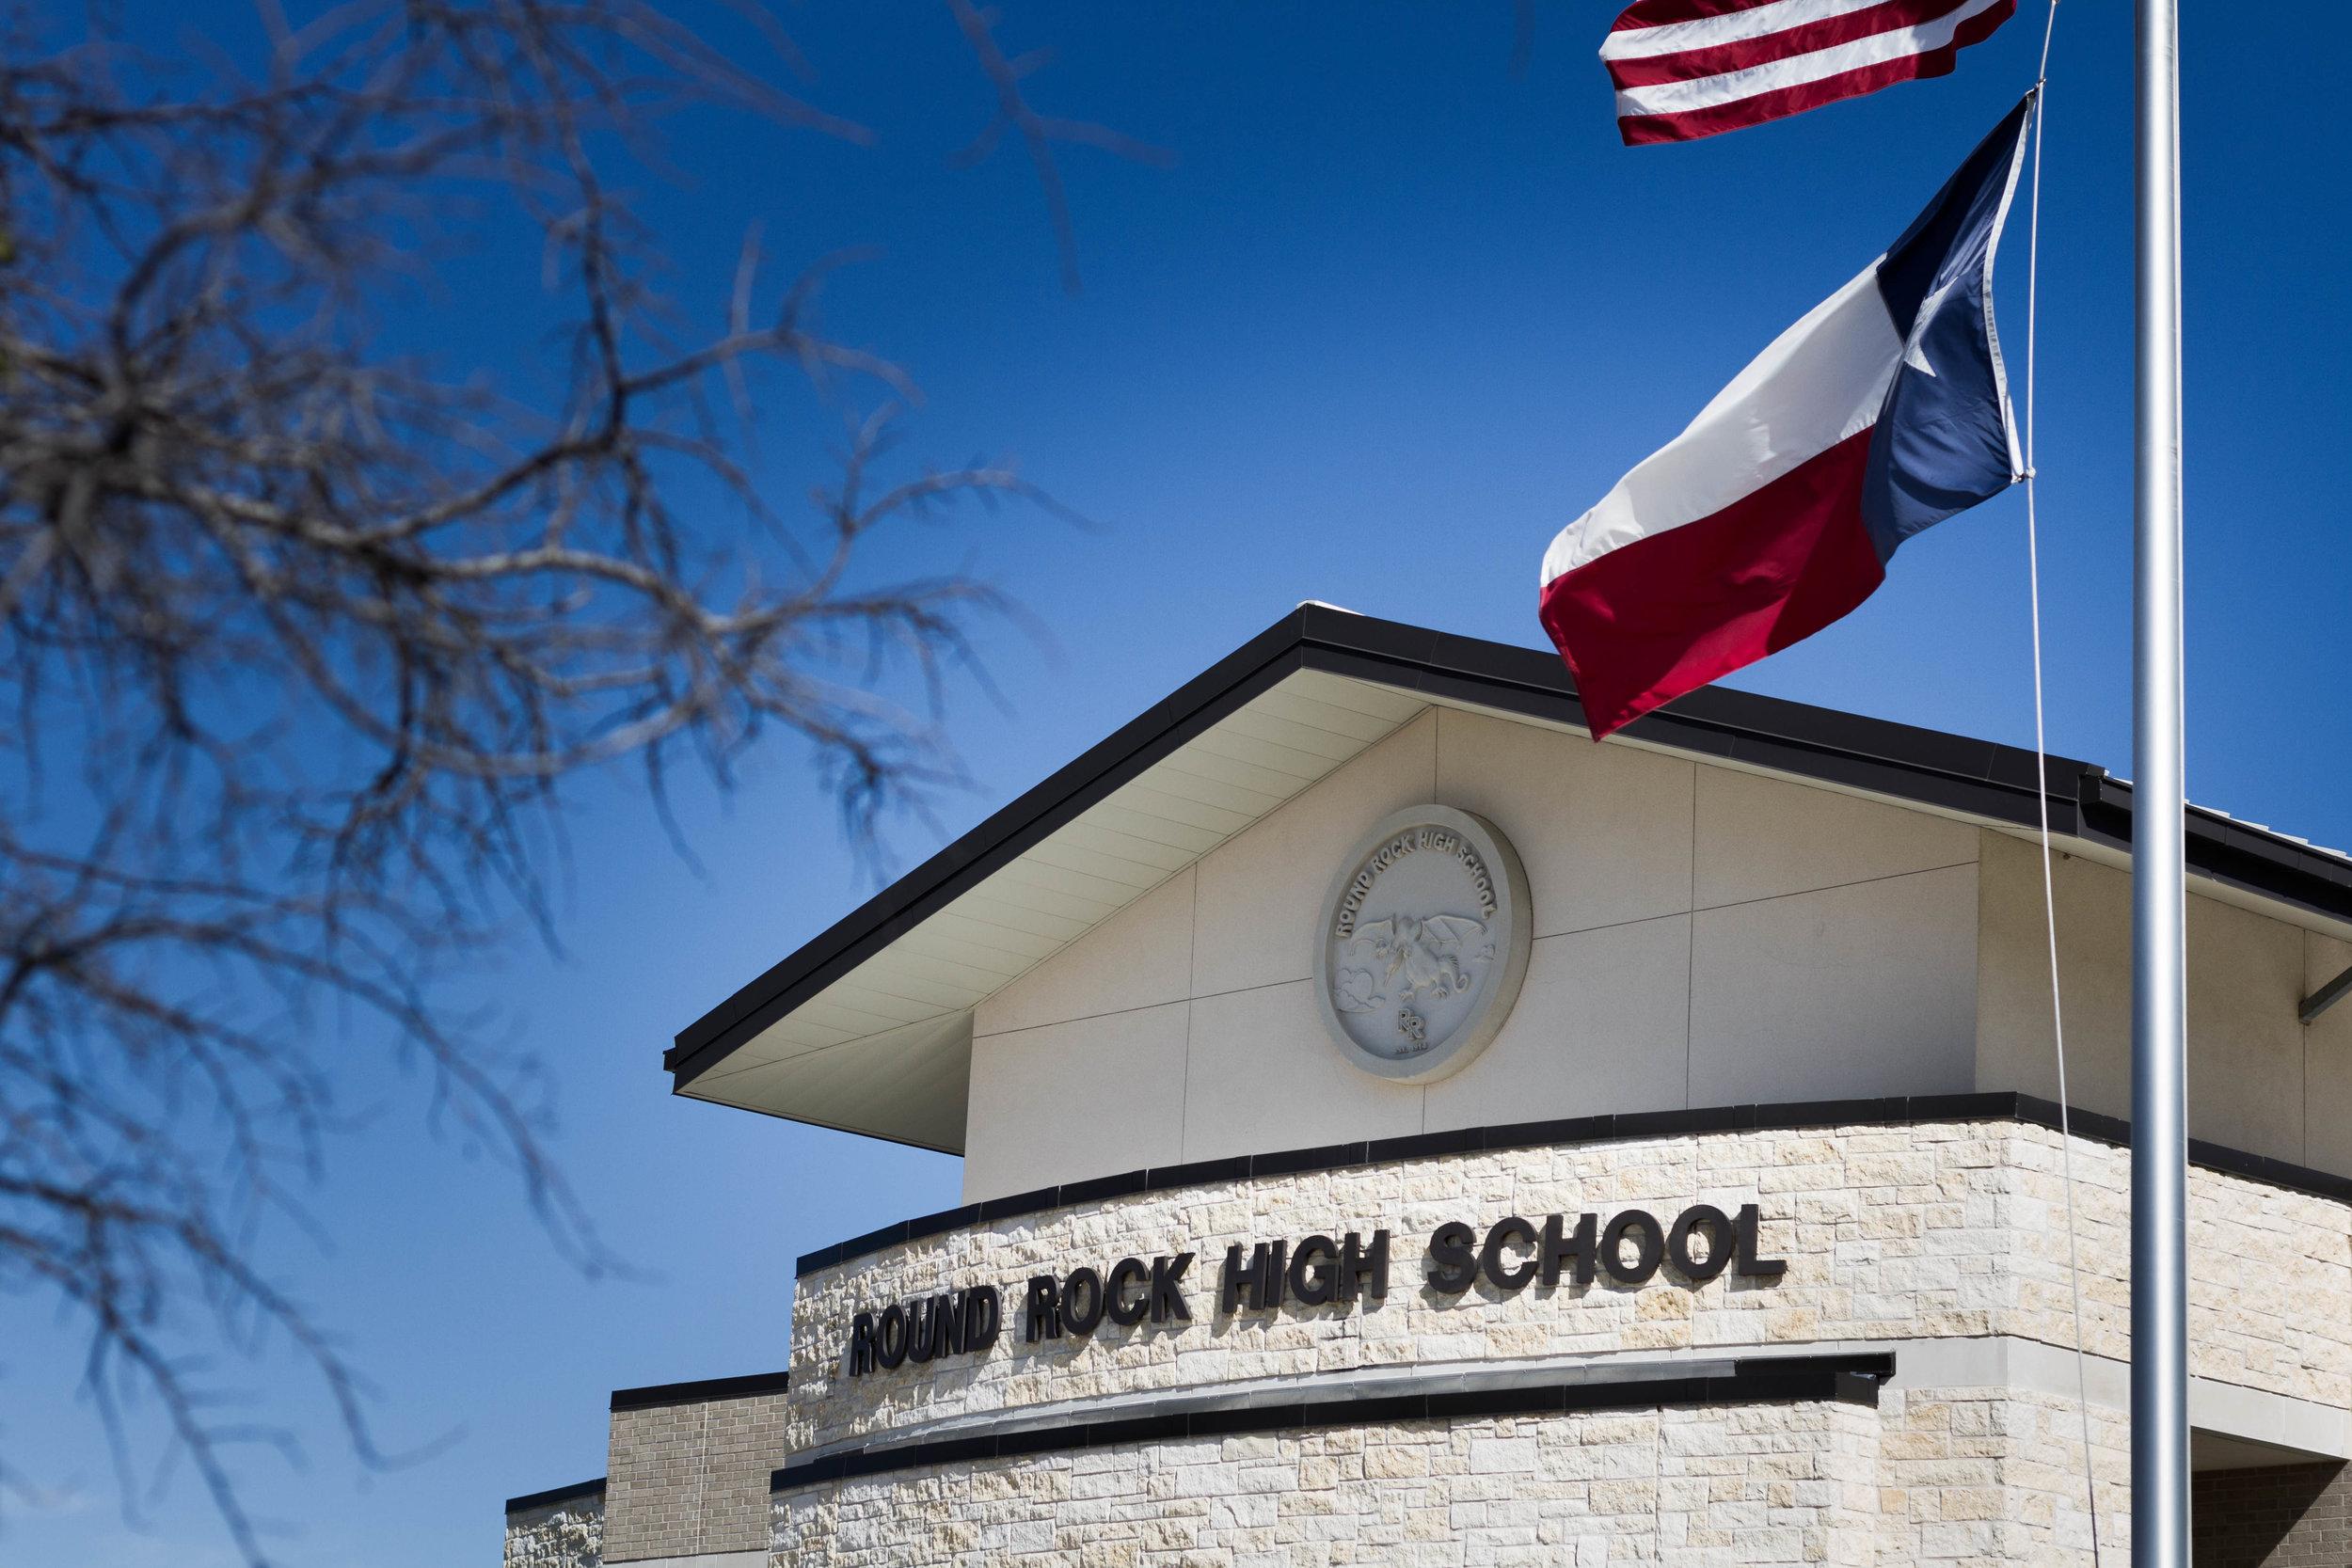 Round Rock High School.jpg